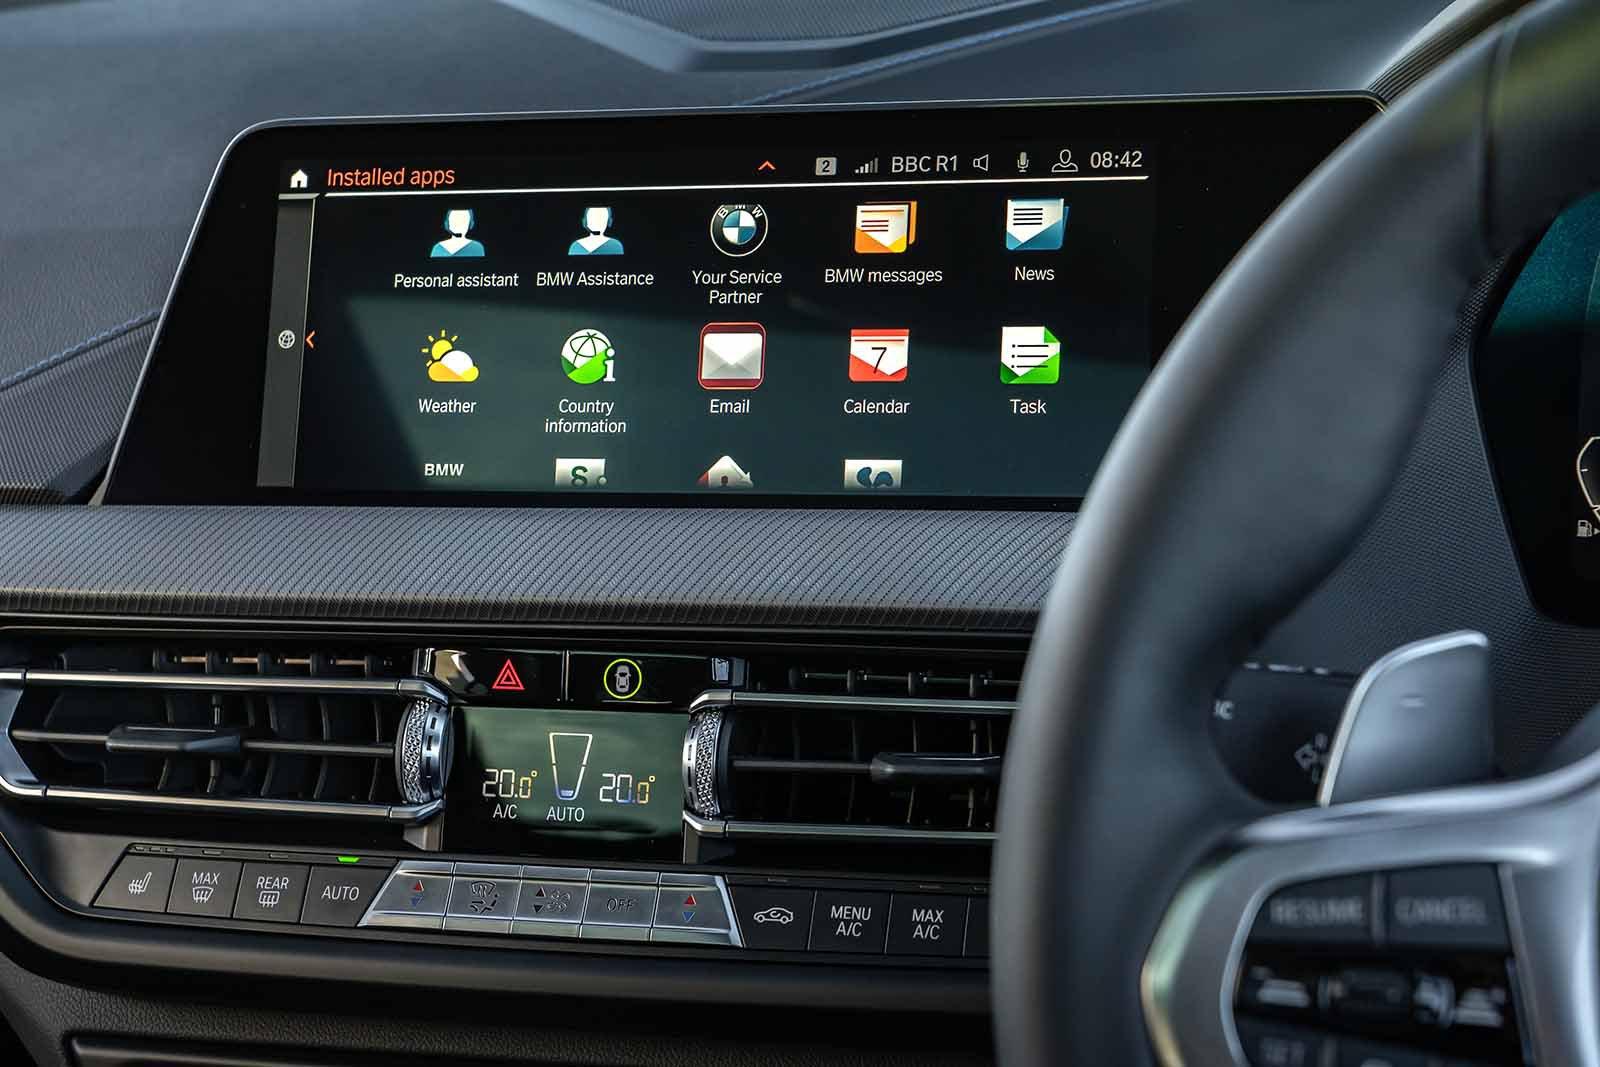 BMW M135i xDrive 2019 infotainment